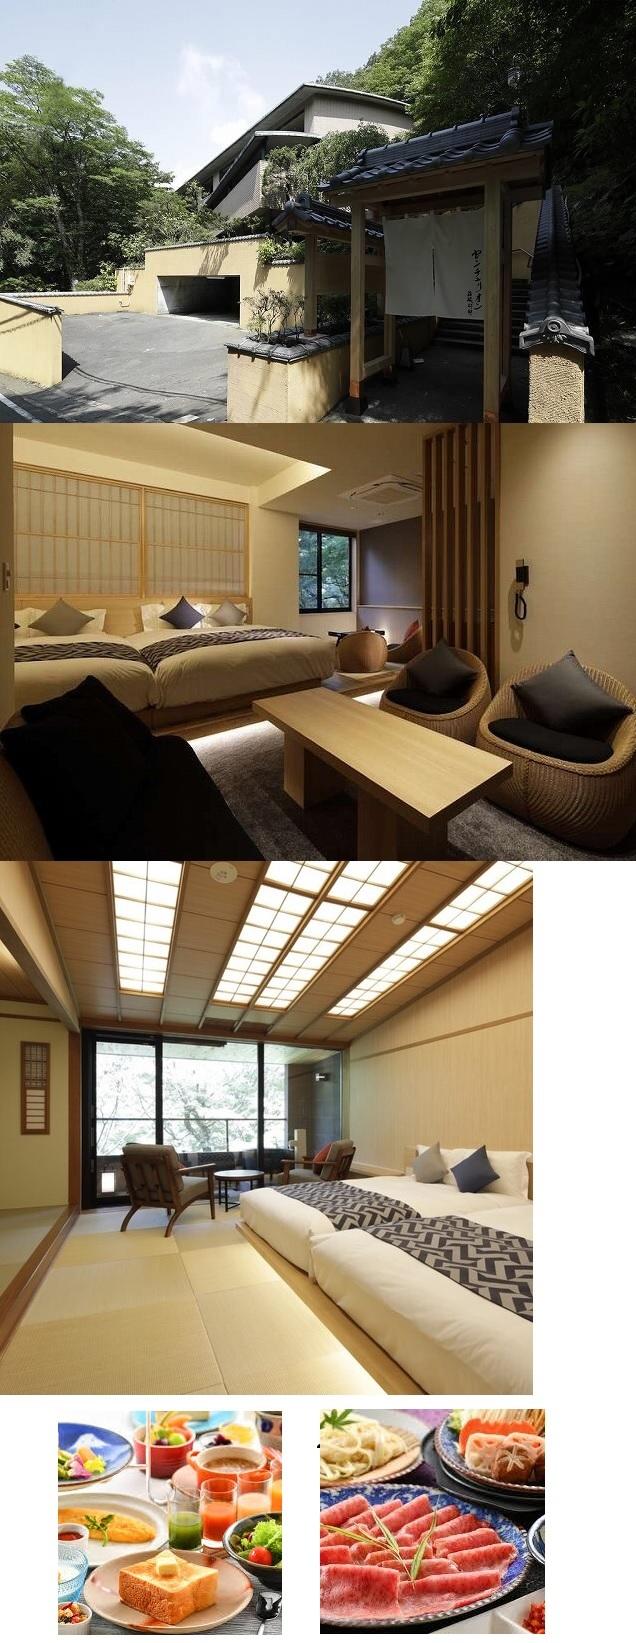 富士屋ホテルのアップルパイ_c0184265_16101038.jpg